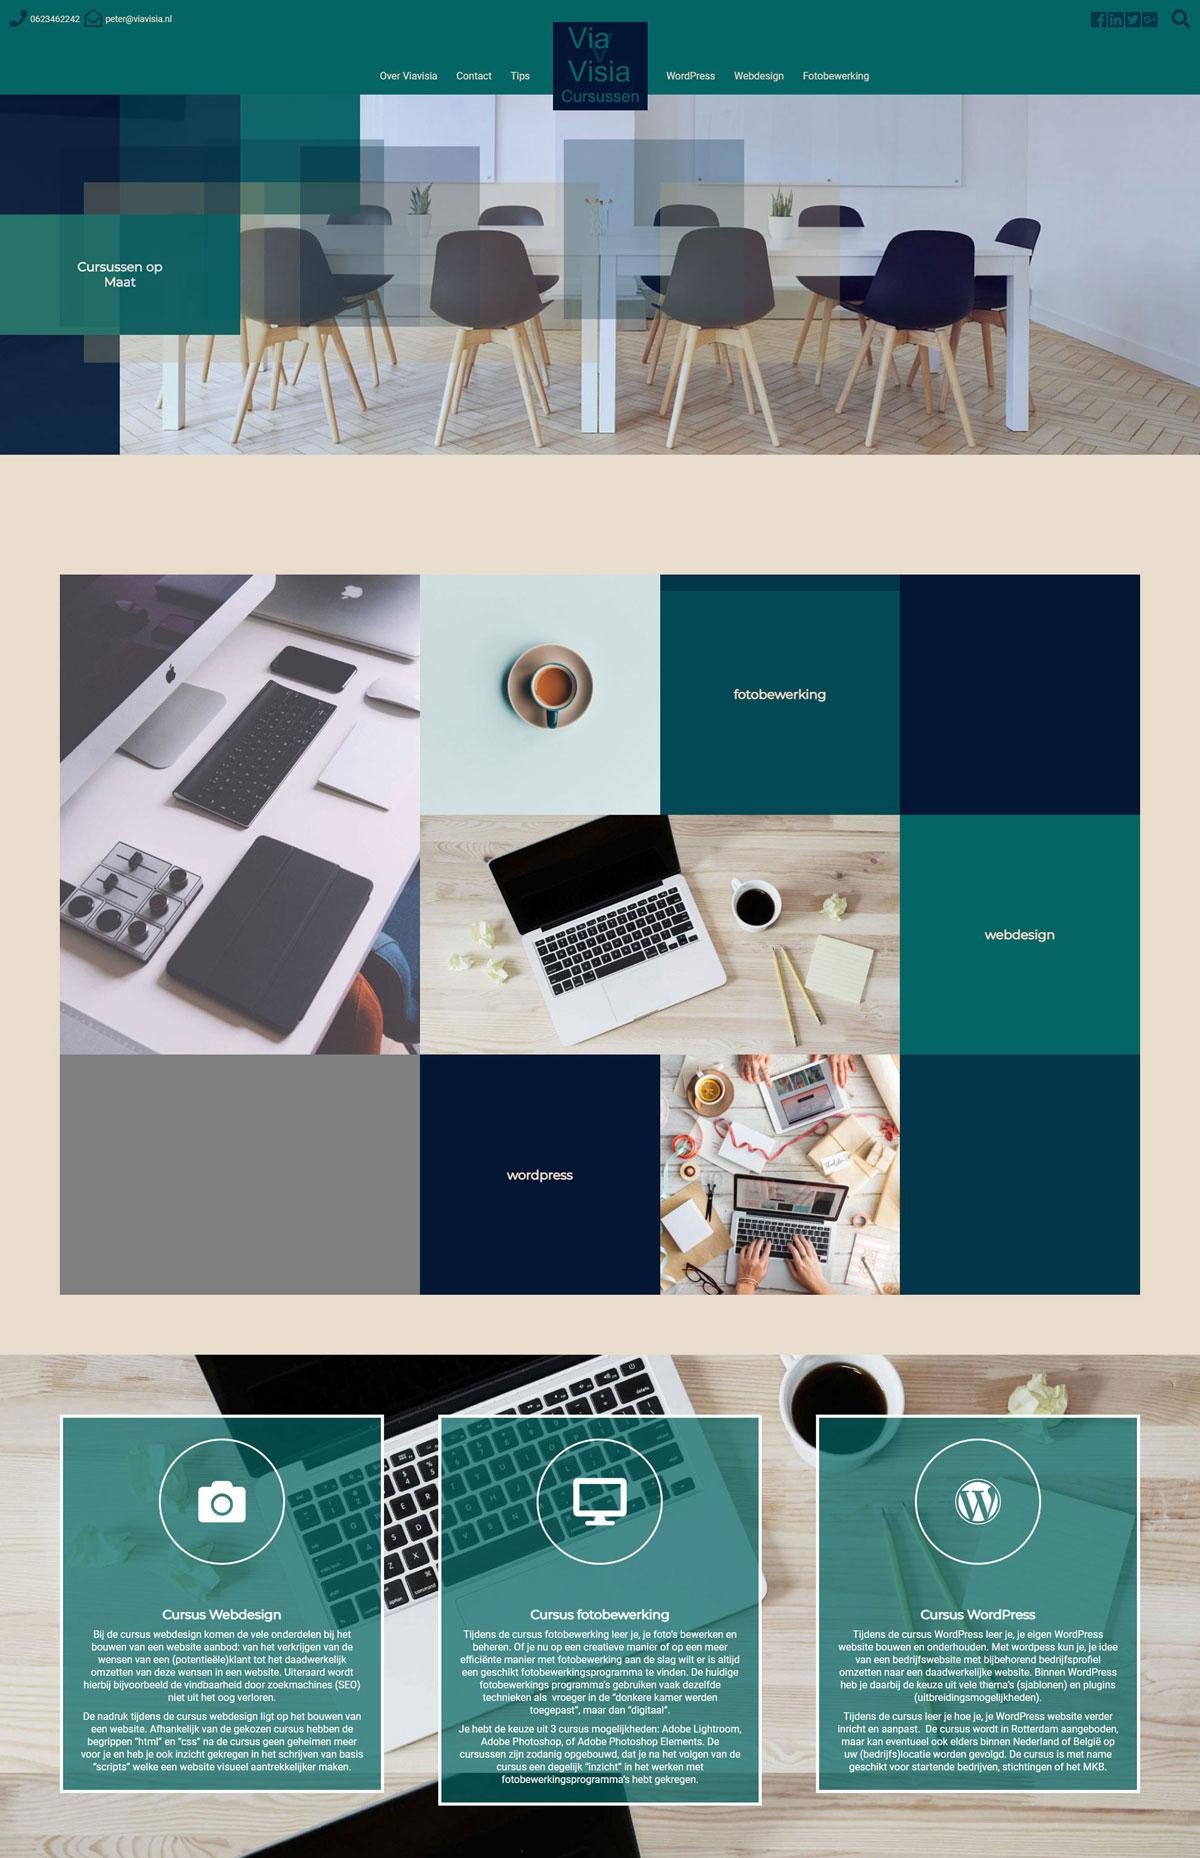 Home-Viavisia-cursussen-Wordpress-webdesign-fotobewerking-Rotterdam-e-o-portfolio-v2